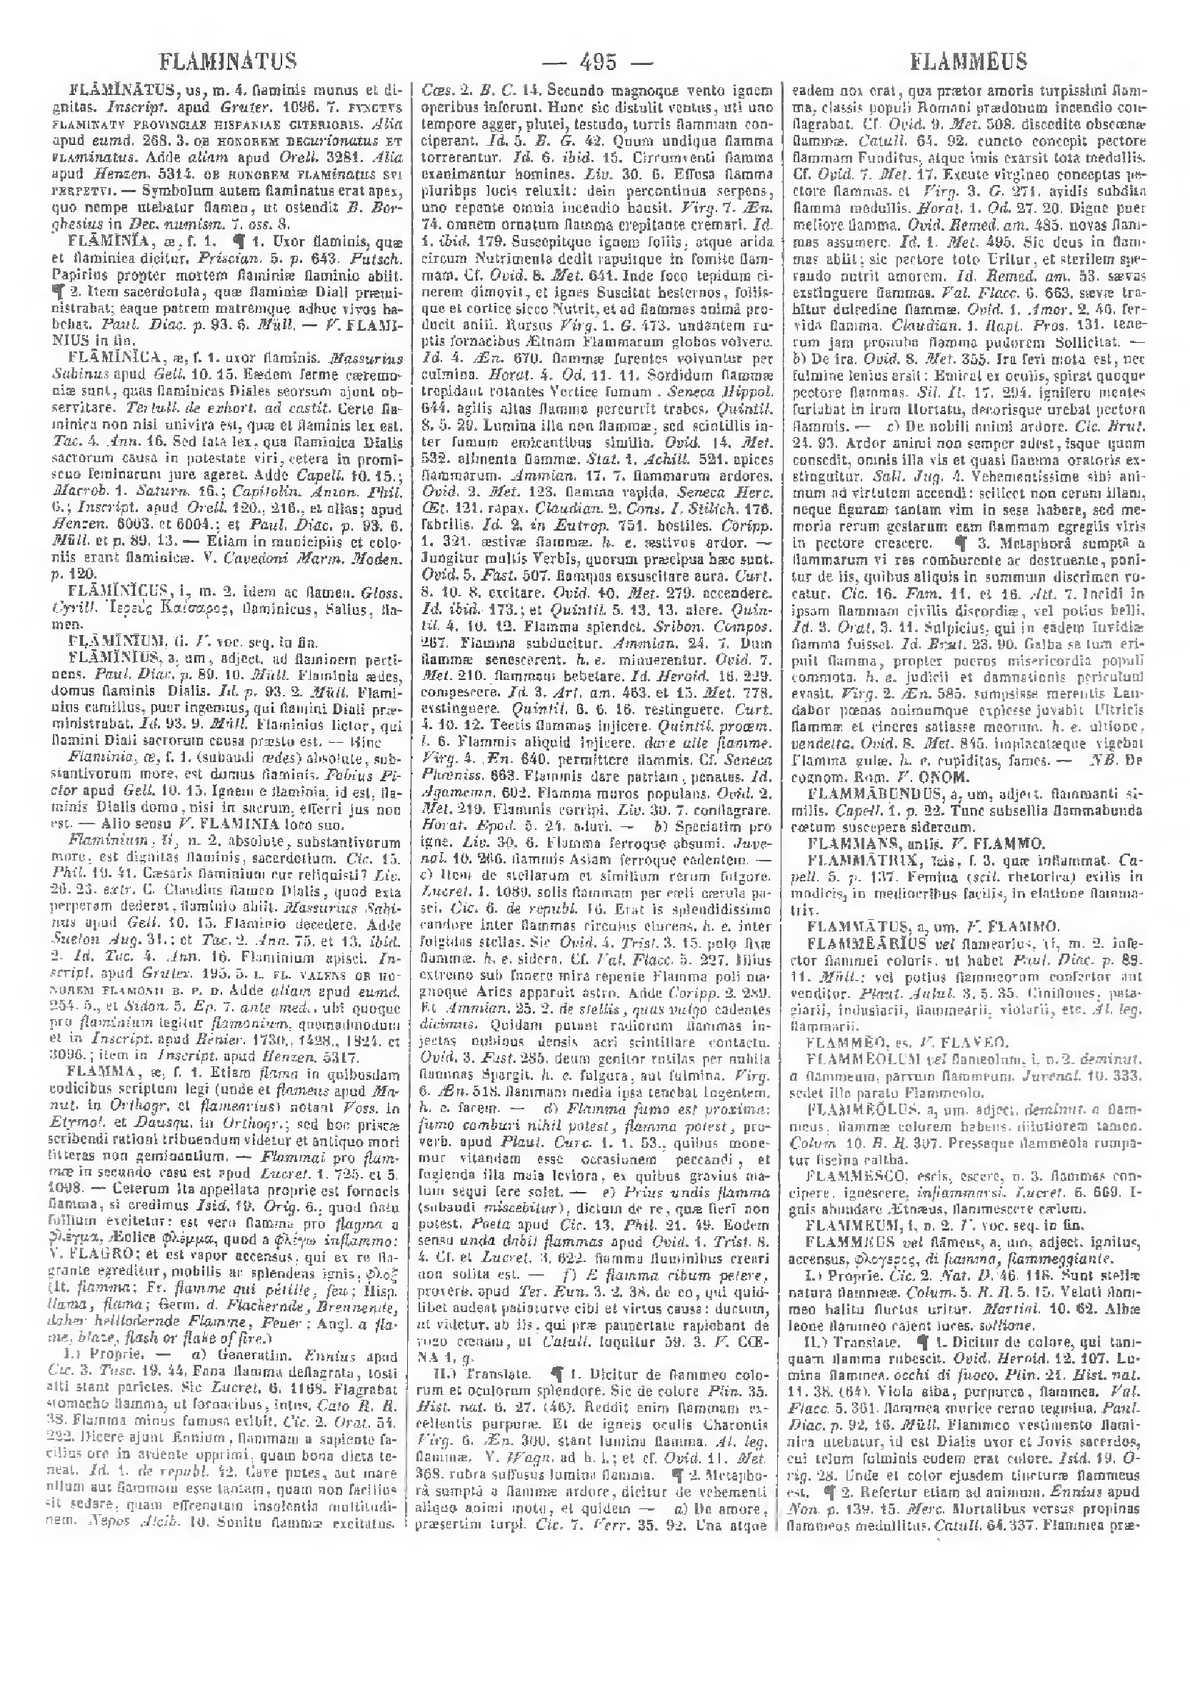 Calaméo Lexicon totius latinitatis Flaminatus K Forcellini Aegidio Corradini Franciscus Perin Josephus 1940